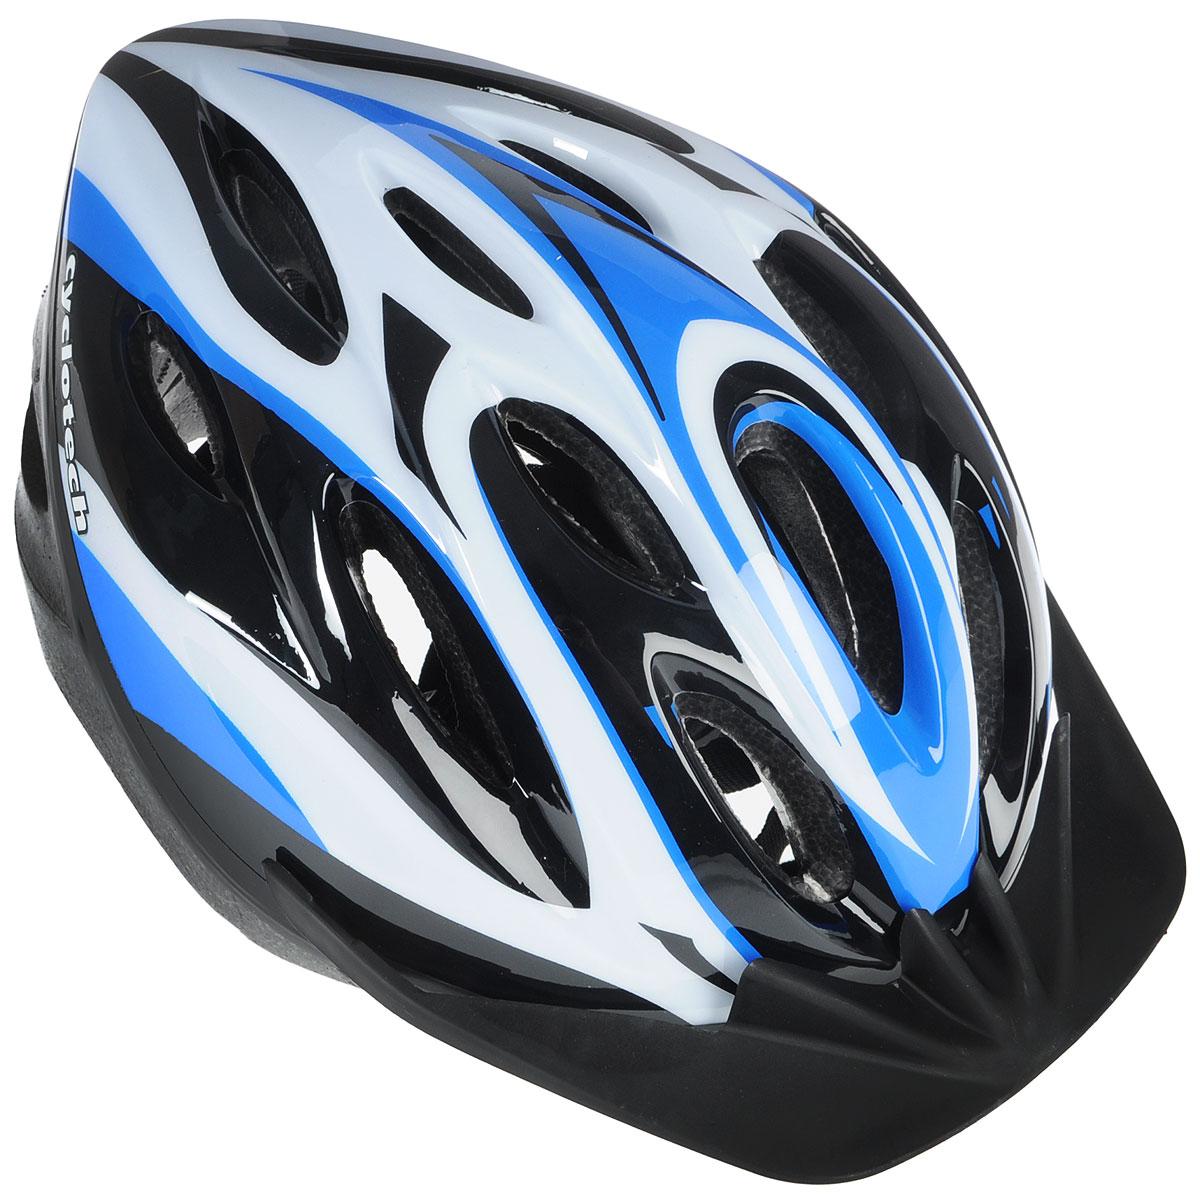 Шлем велосипедный Cyclotech, цвет: черный, синий, белый. Размер LWRA523700Шлем Cyclotech изготовлен по технологии OutMold, которая обеспечивает хорошее сочетание невысокой цены и достаточной технологичности. Увеличенное количество вентиляционных отверстий обеспечивает отличную циркуляцию воздуха на любой скорости при сохранении жесткости шлема. Верхняя часть изделия выполнена из прочного пластика, внутренняя - пенополистирол. Шлем снабжен универсальным внутренним настроечным кольцом и регулируемыми текстильными ремешками. Шлем соответствует международным стандартам безопасности и надежности.